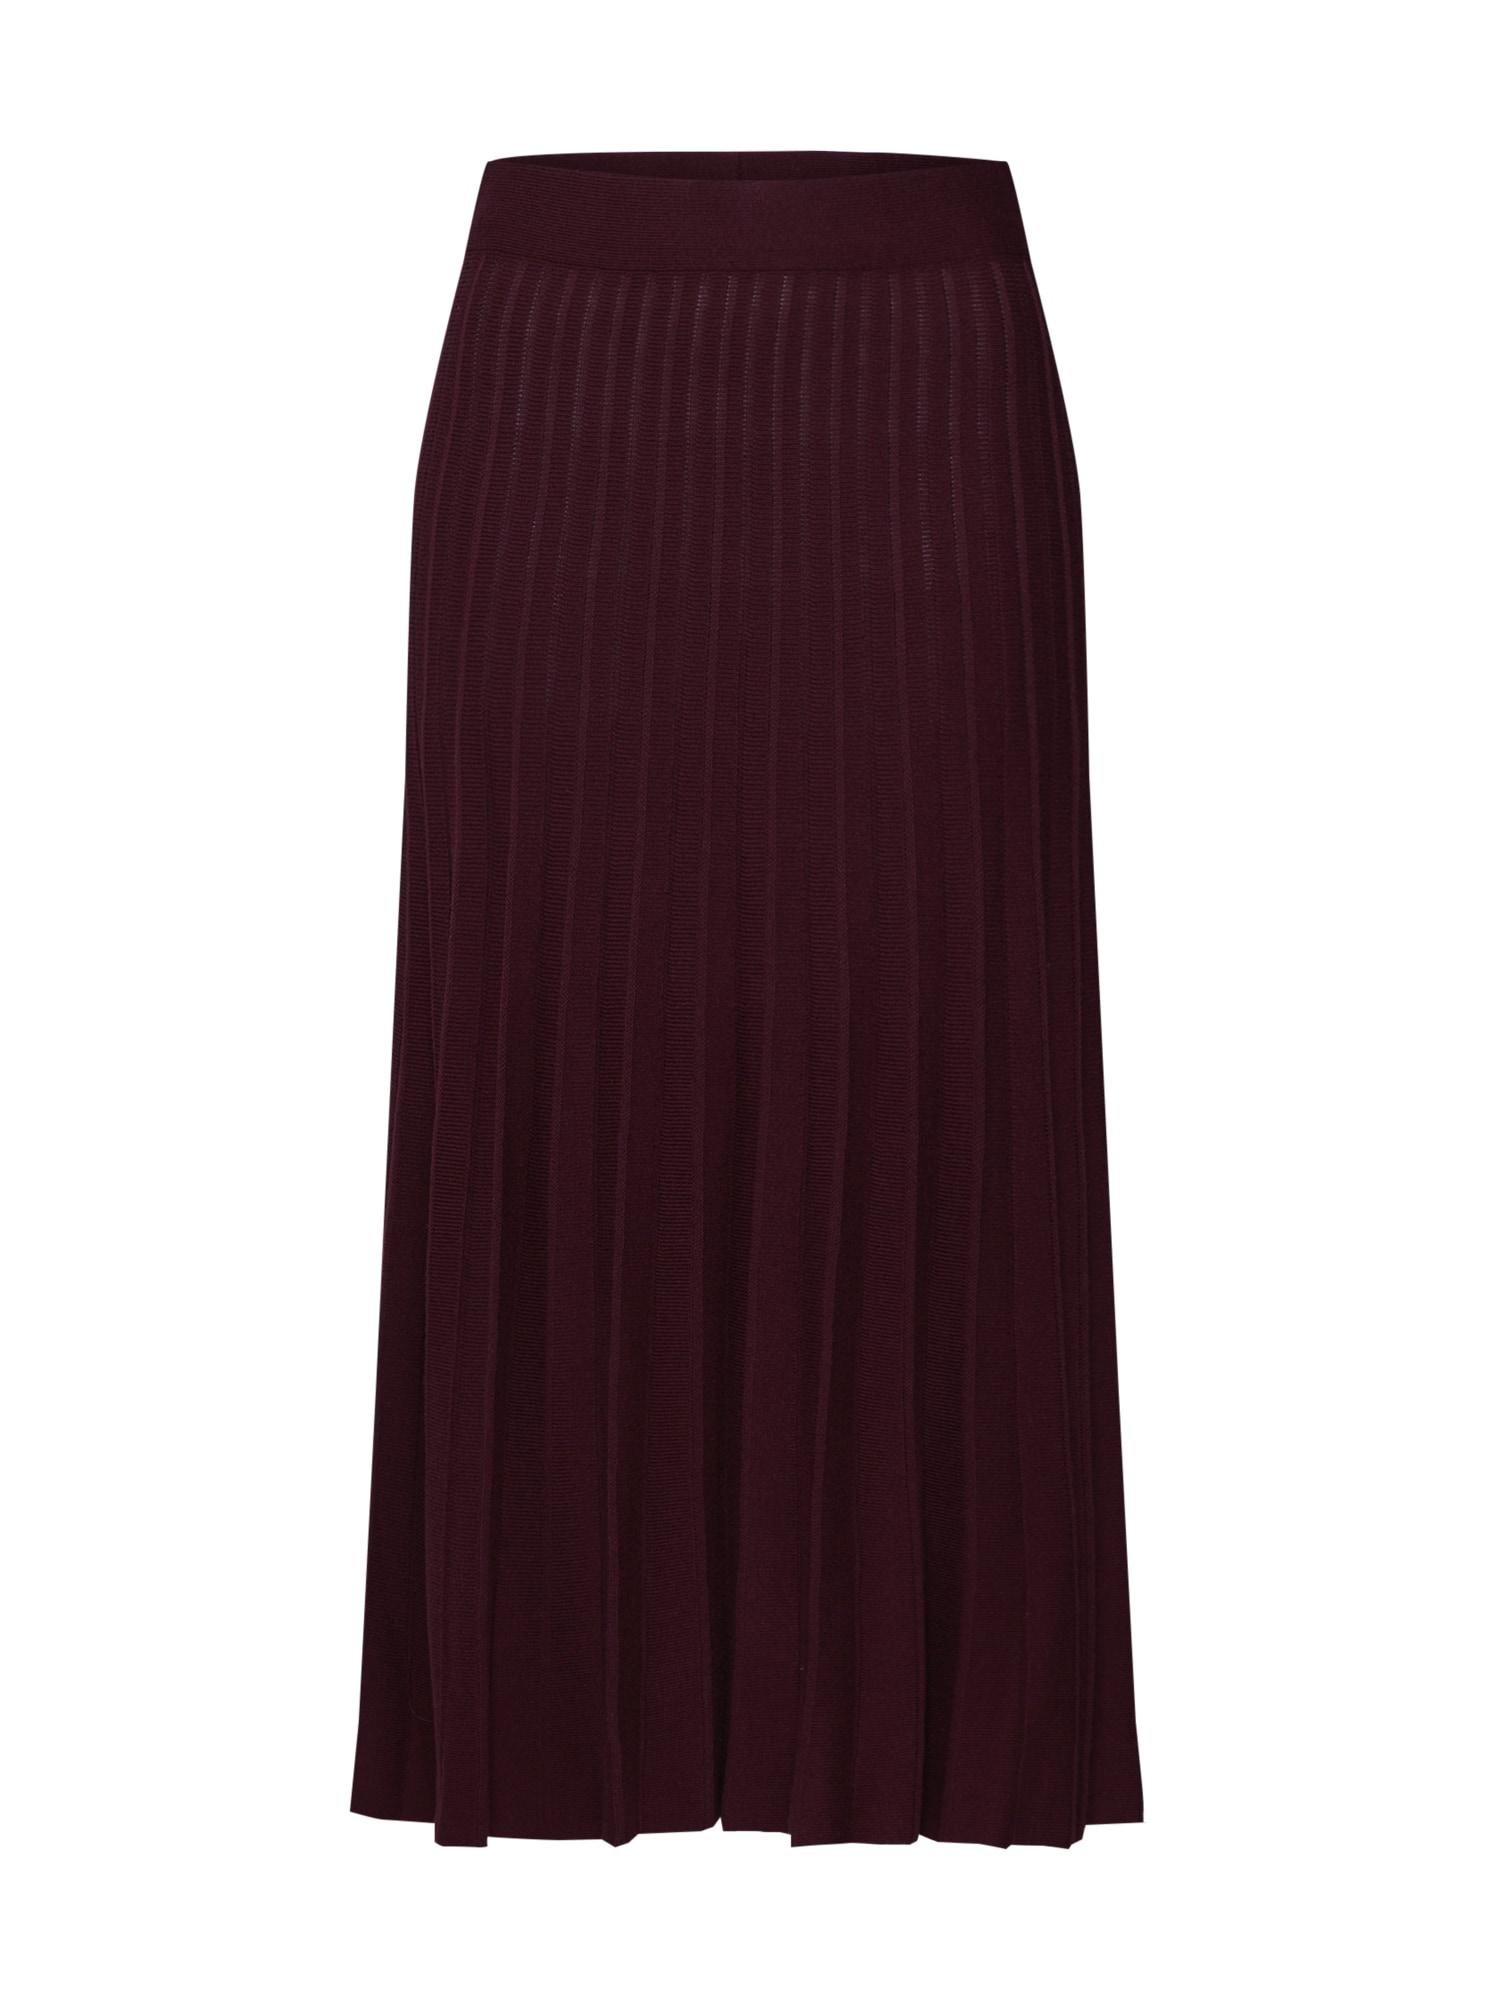 Sukně Pleated Skirt vínově červená Mint&berry